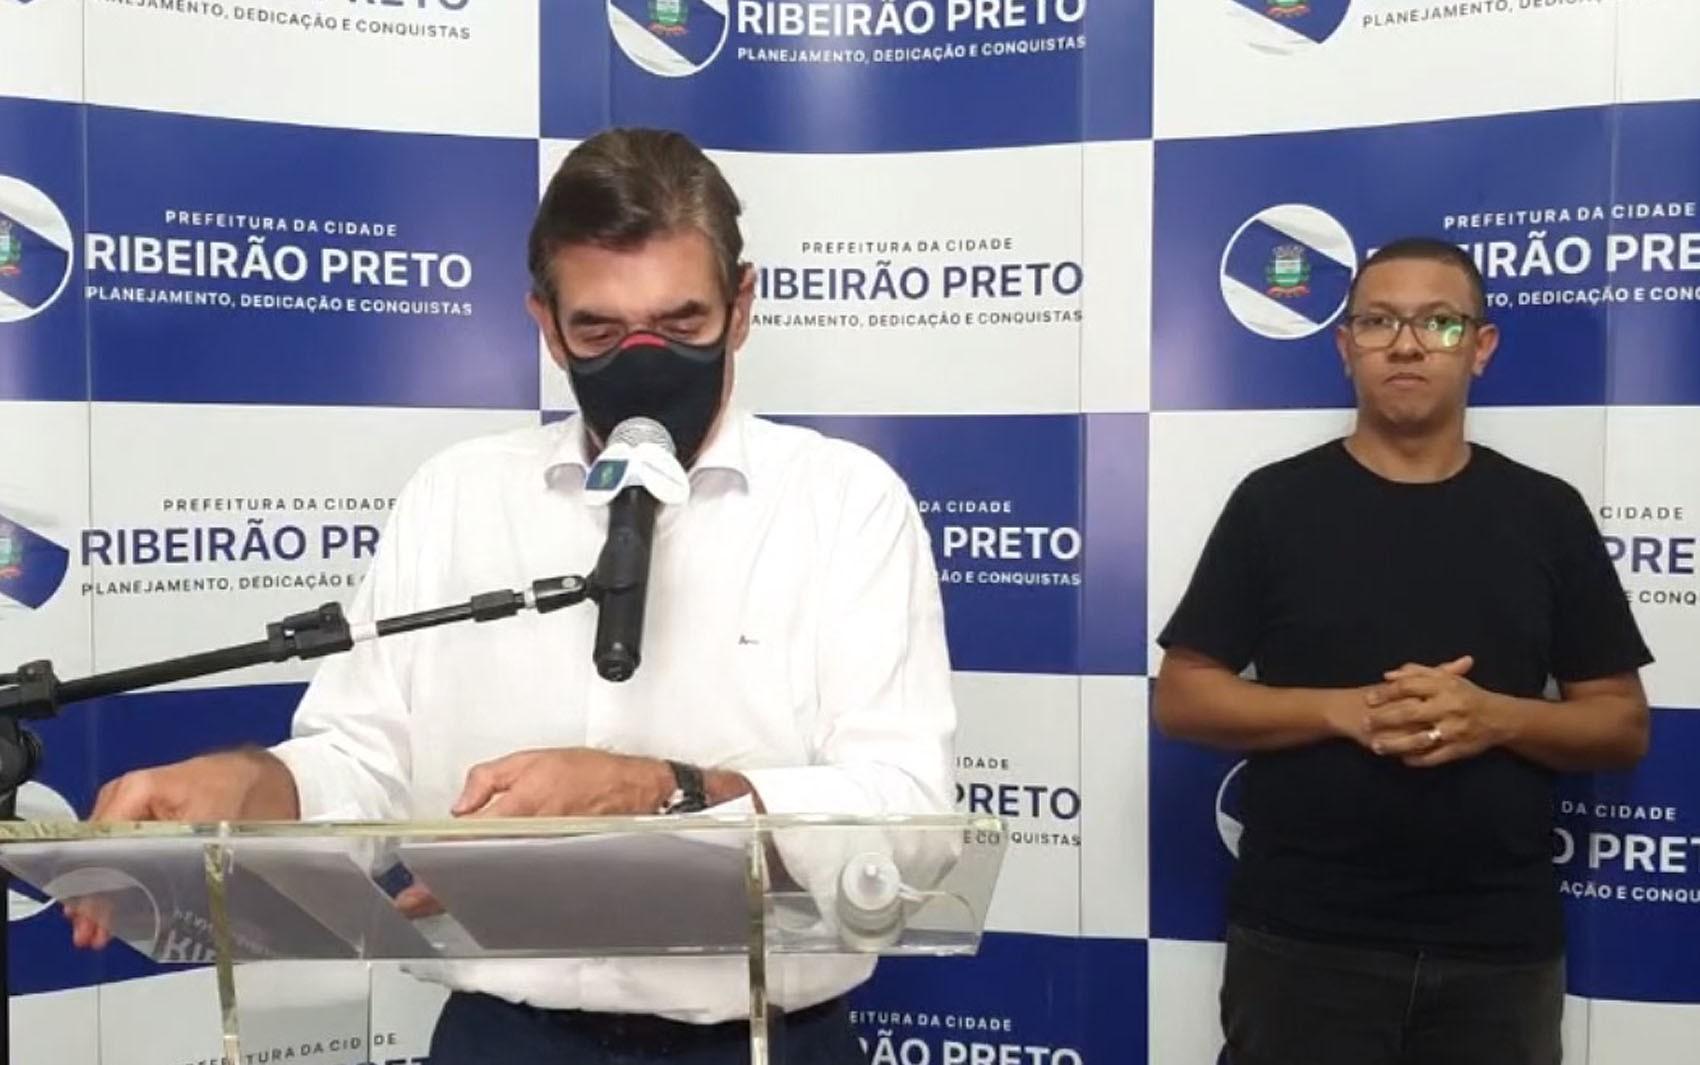 Ribeirão Preto, SP, registra mais 519 casos de Covid-19 e 12 mortes, diz Prefeitura